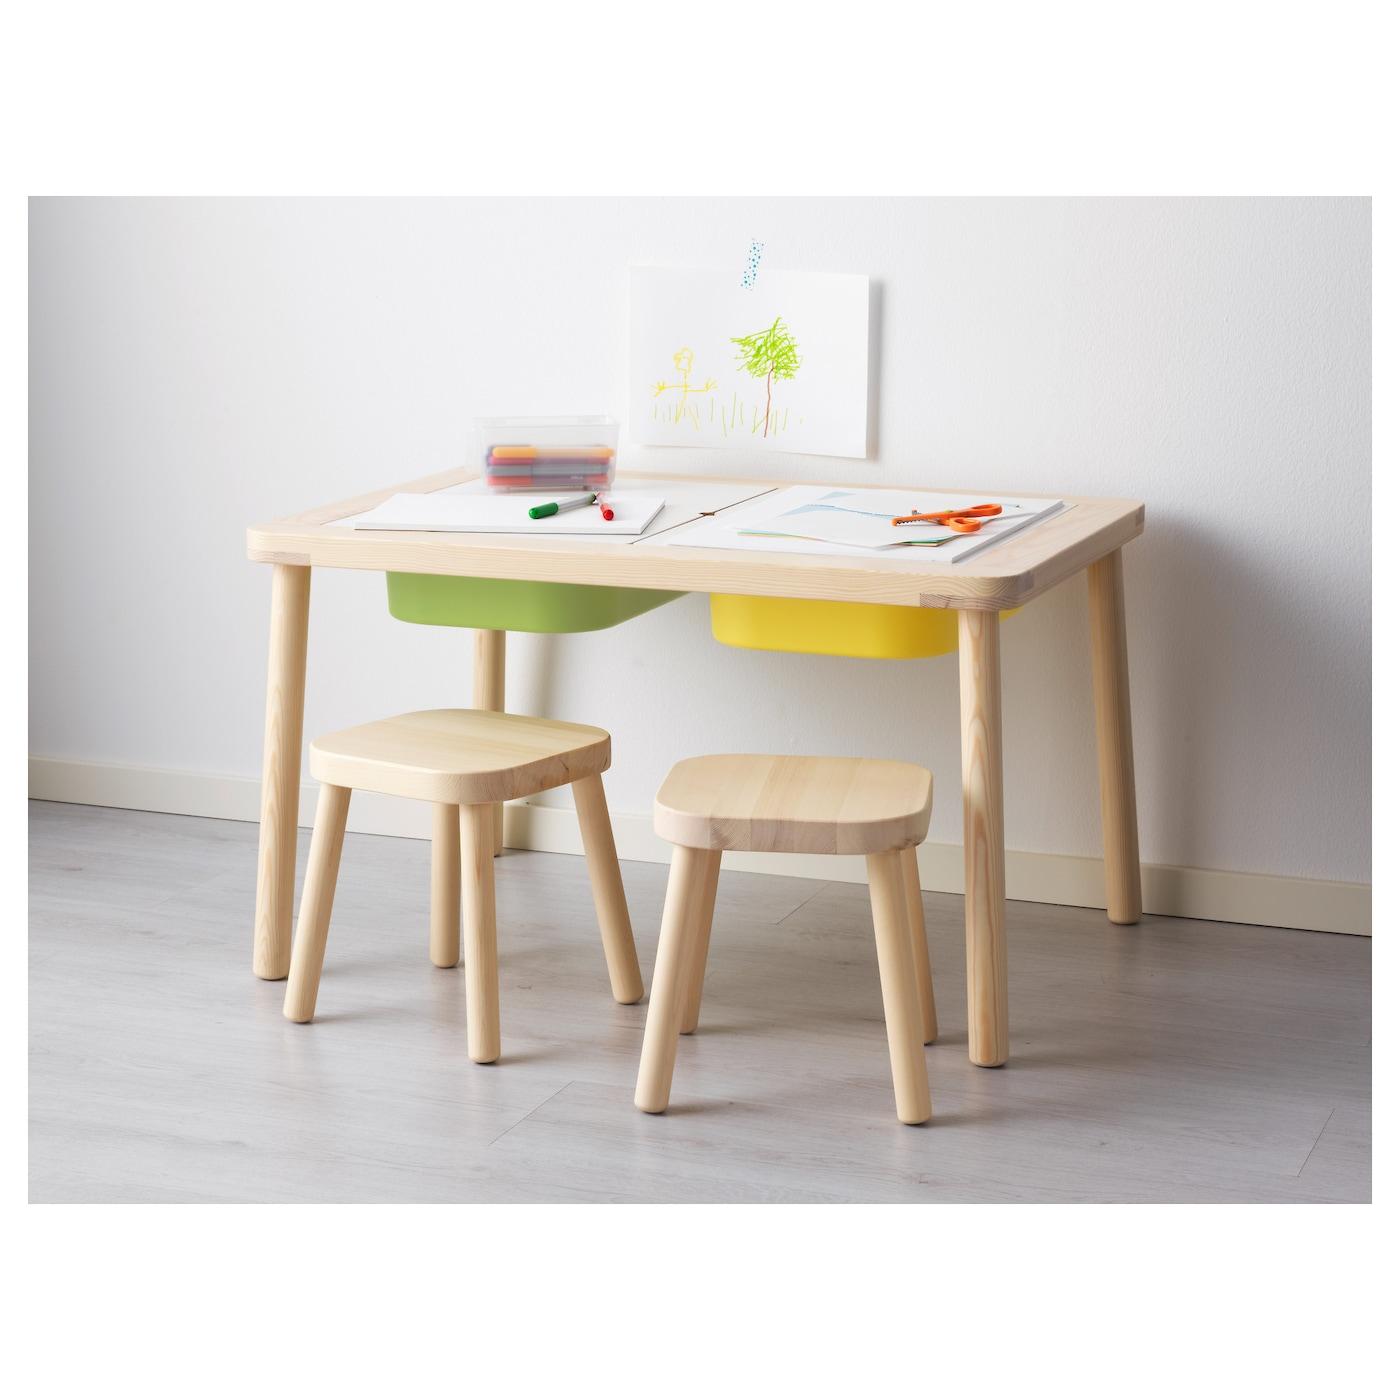 Flisat Meja Kanak Kanak Ikea